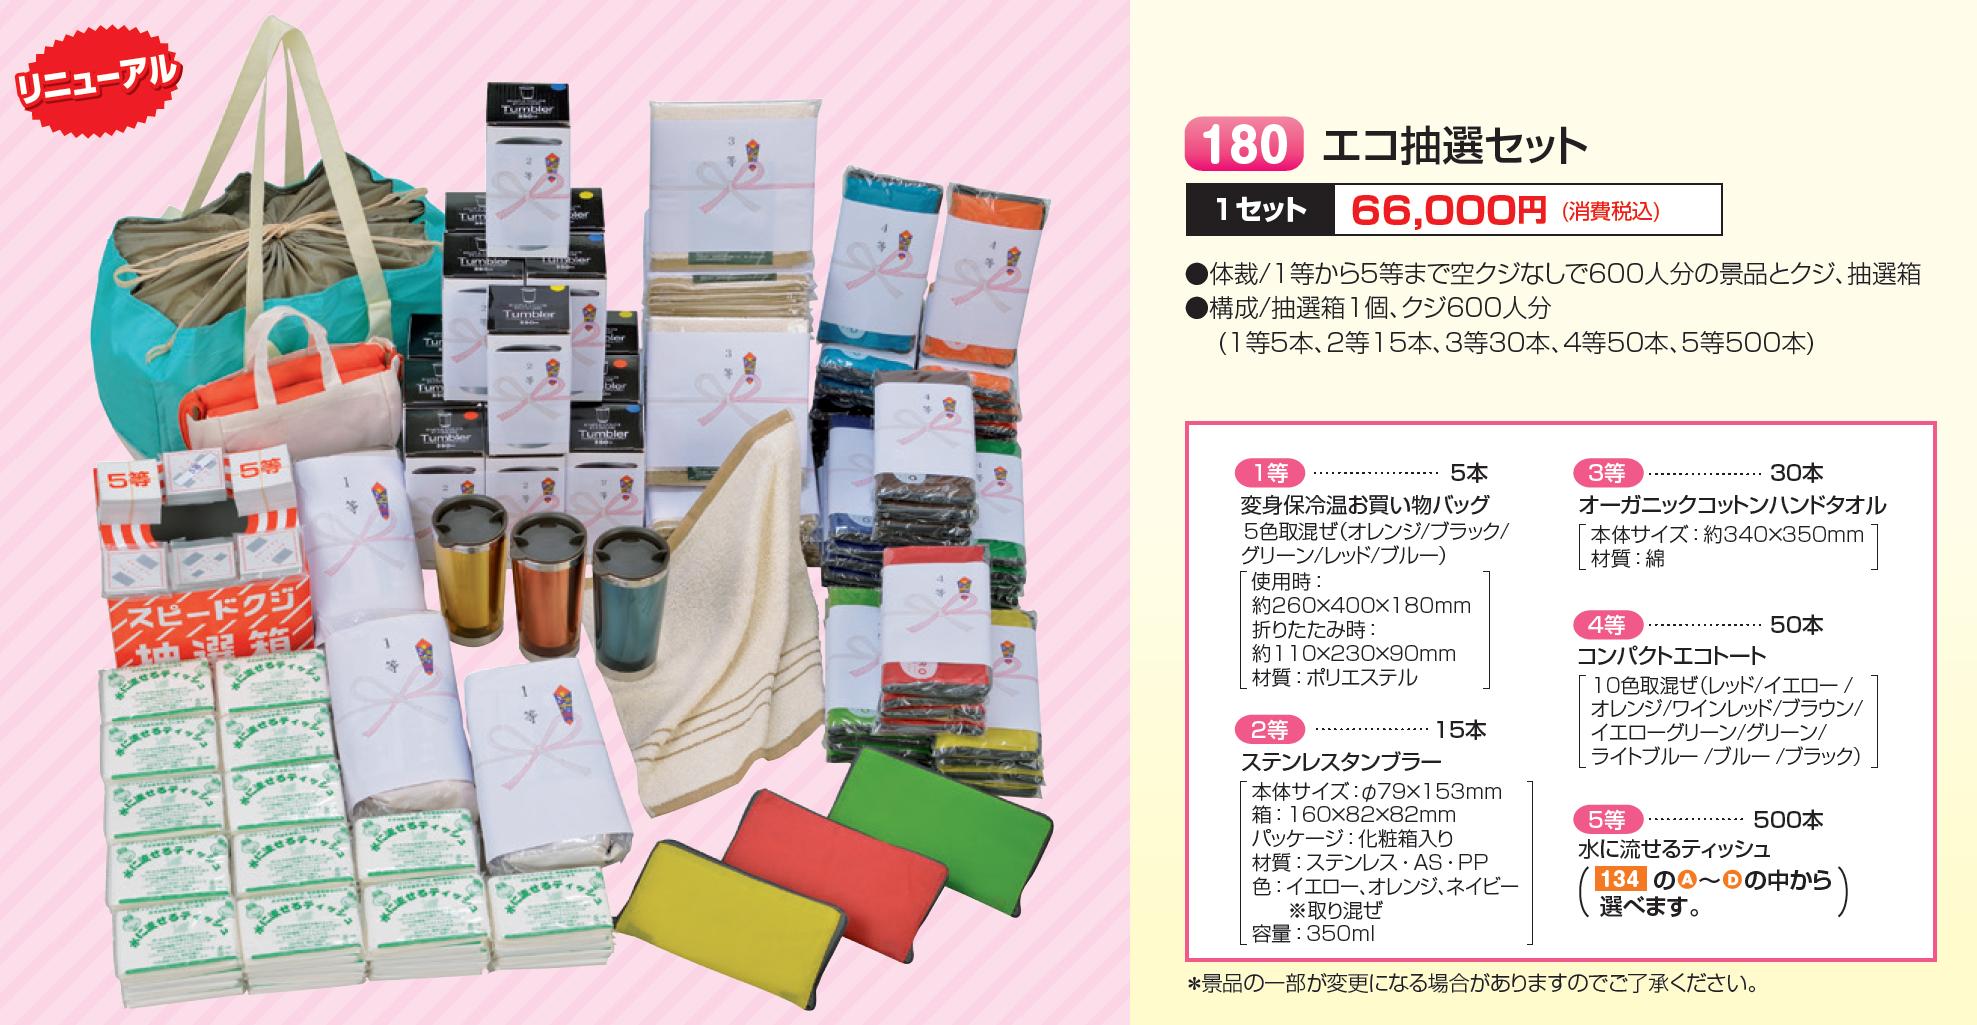 【製品No.180】エコ抽選セット